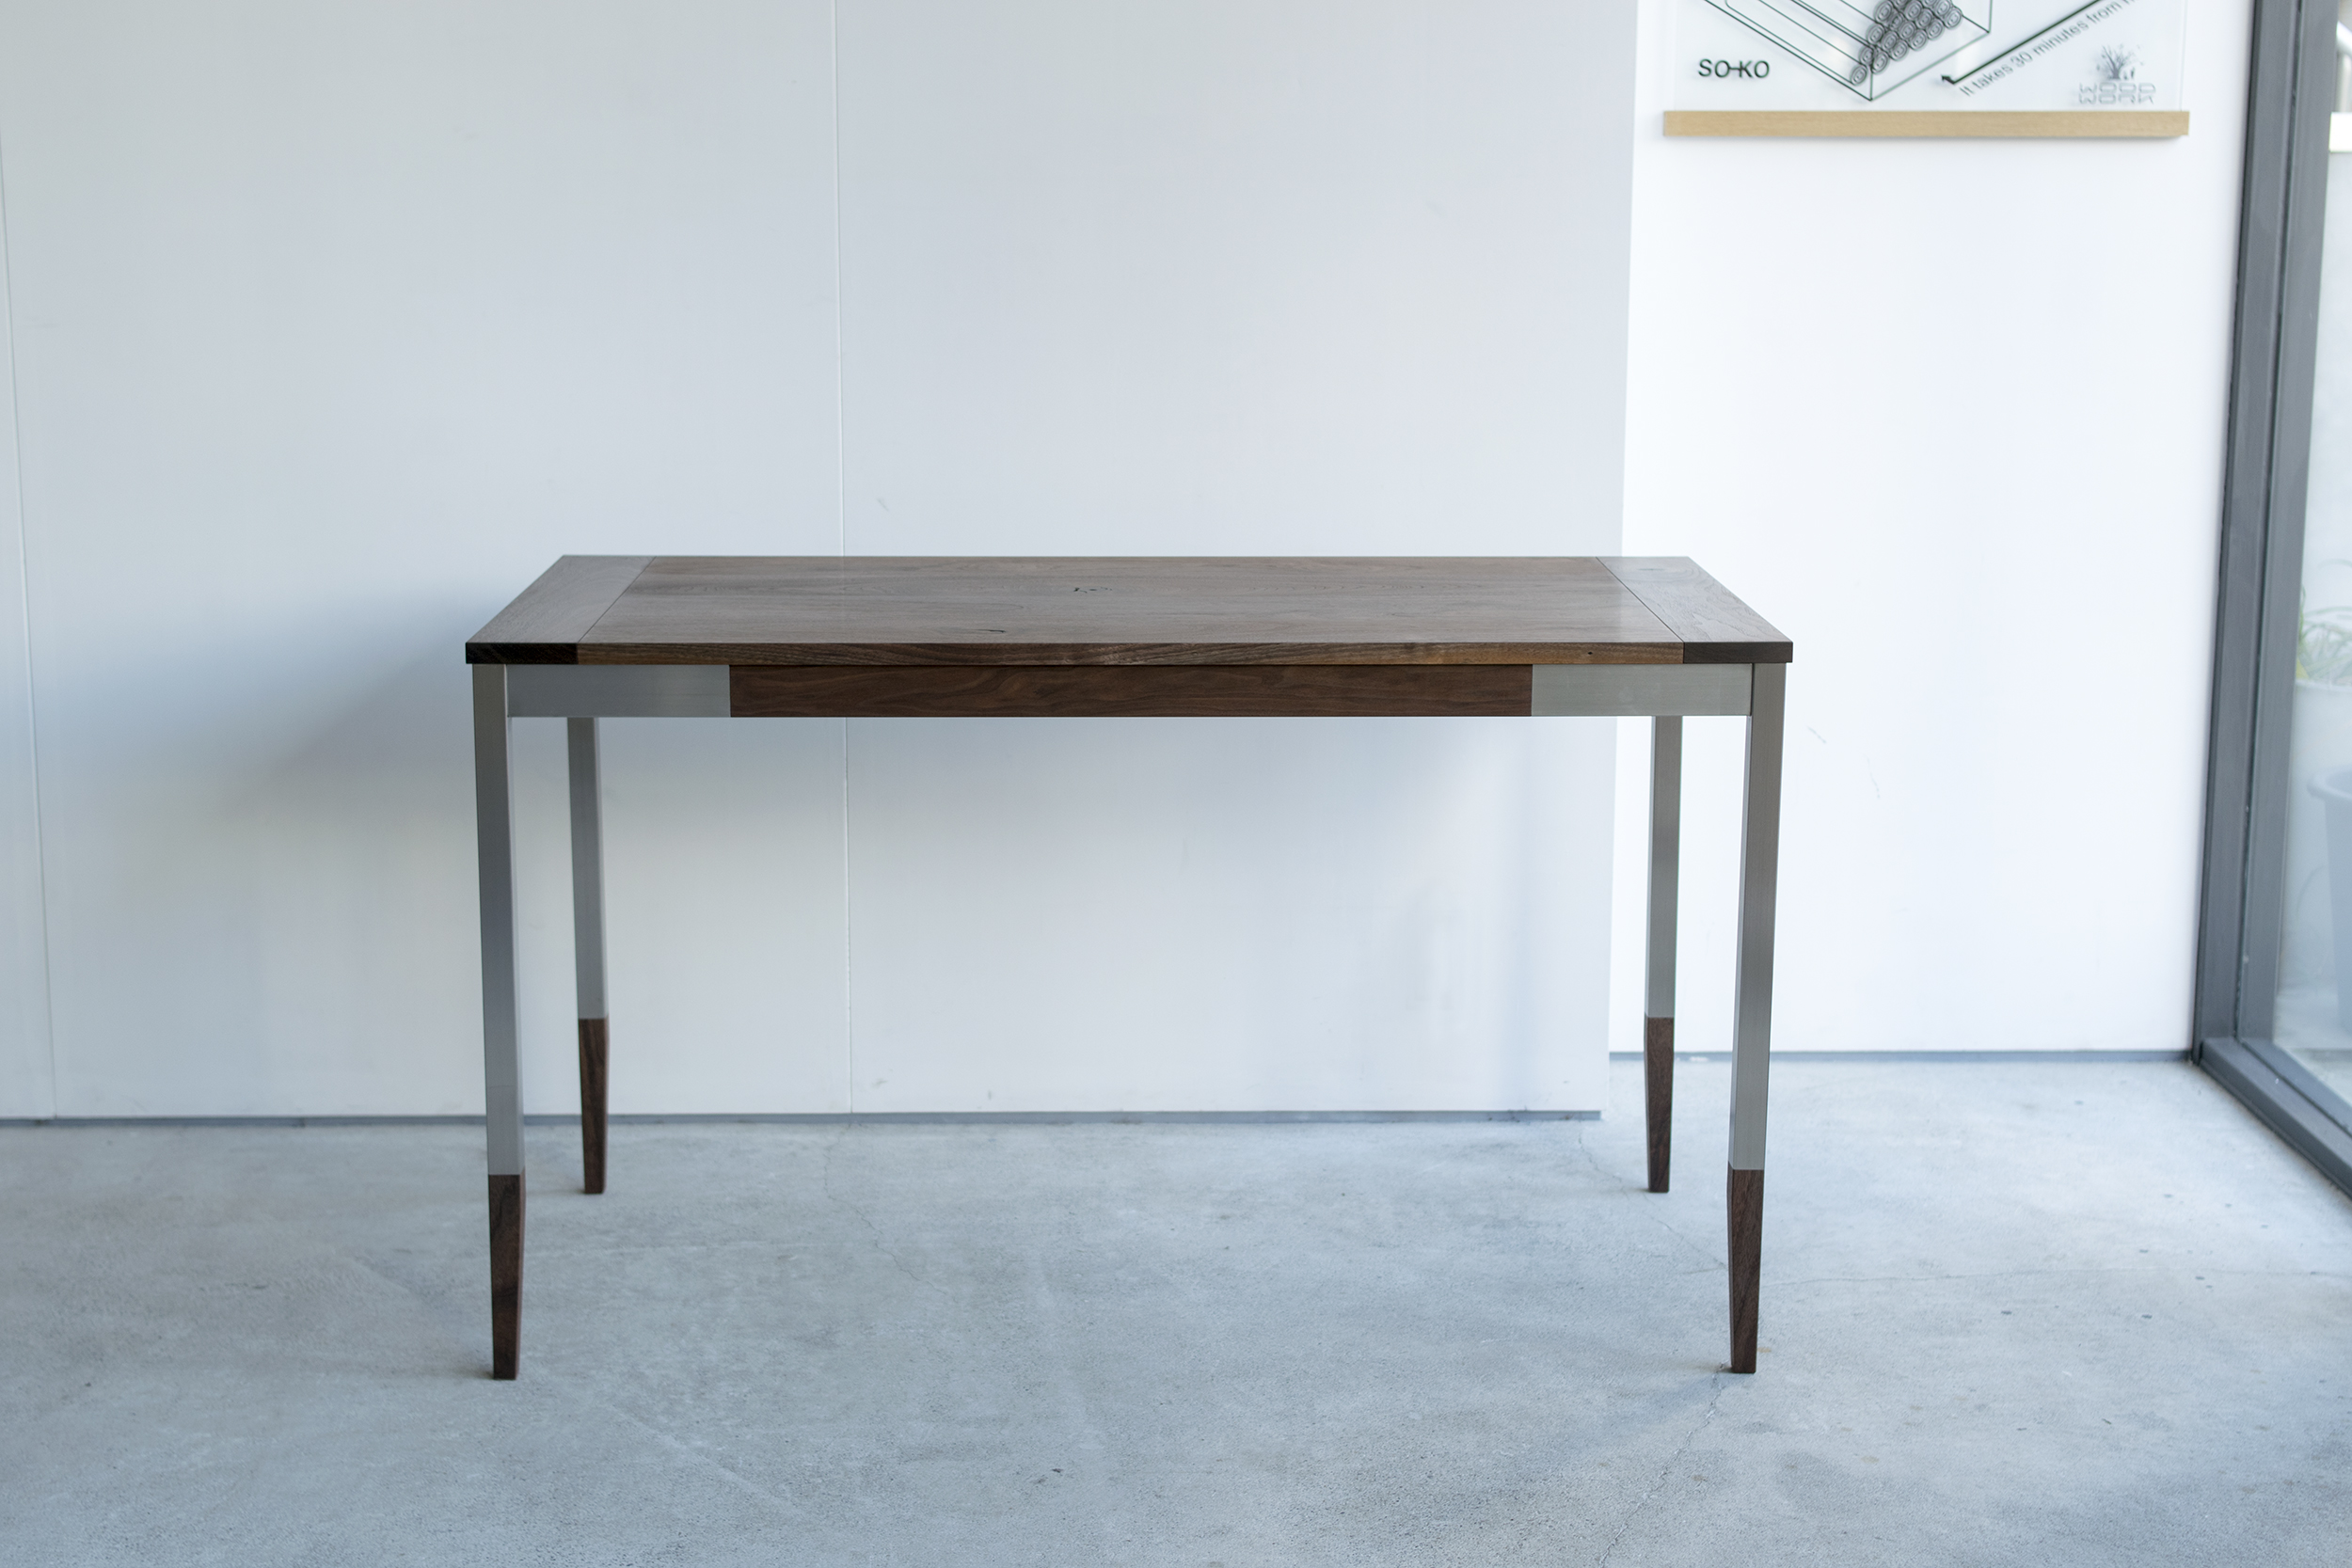 ウォールナット材で製作したオルタナティブテーブル